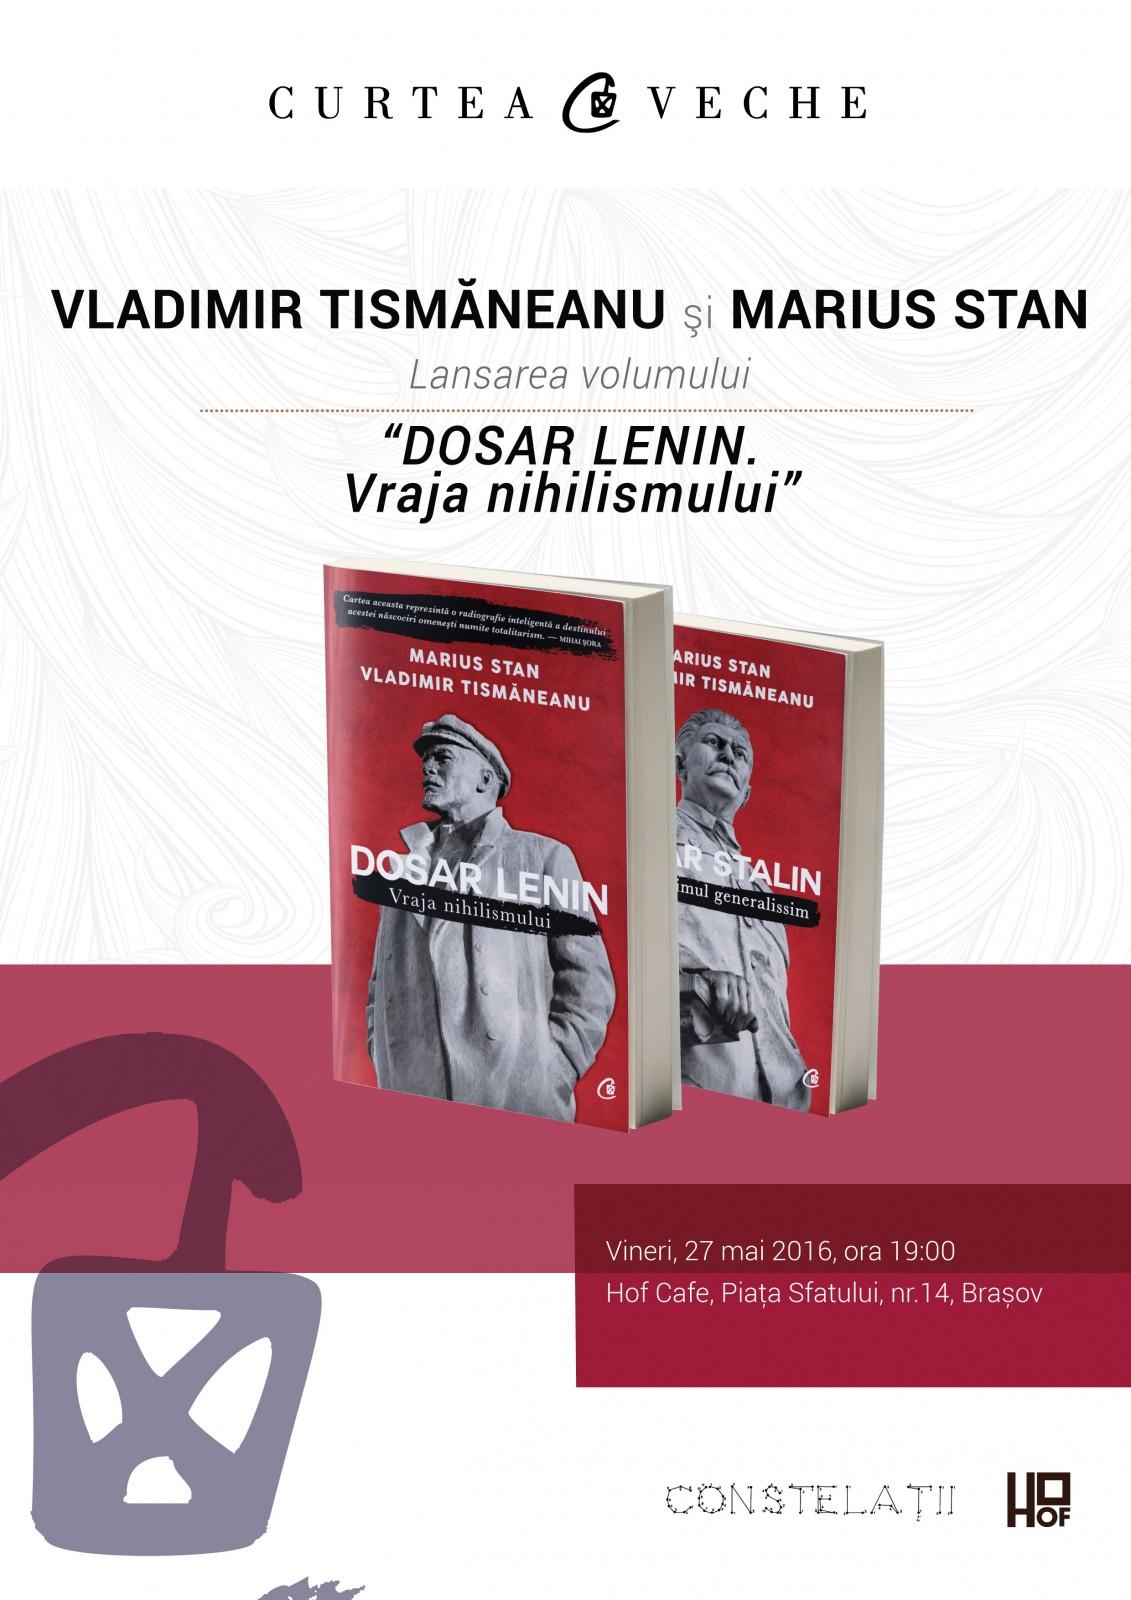 """Vladimir Tismăneanu și Marius Stan lansează în Brașov   pe 27 mai """"Dosar Lenin. Vraja nihilismului"""""""